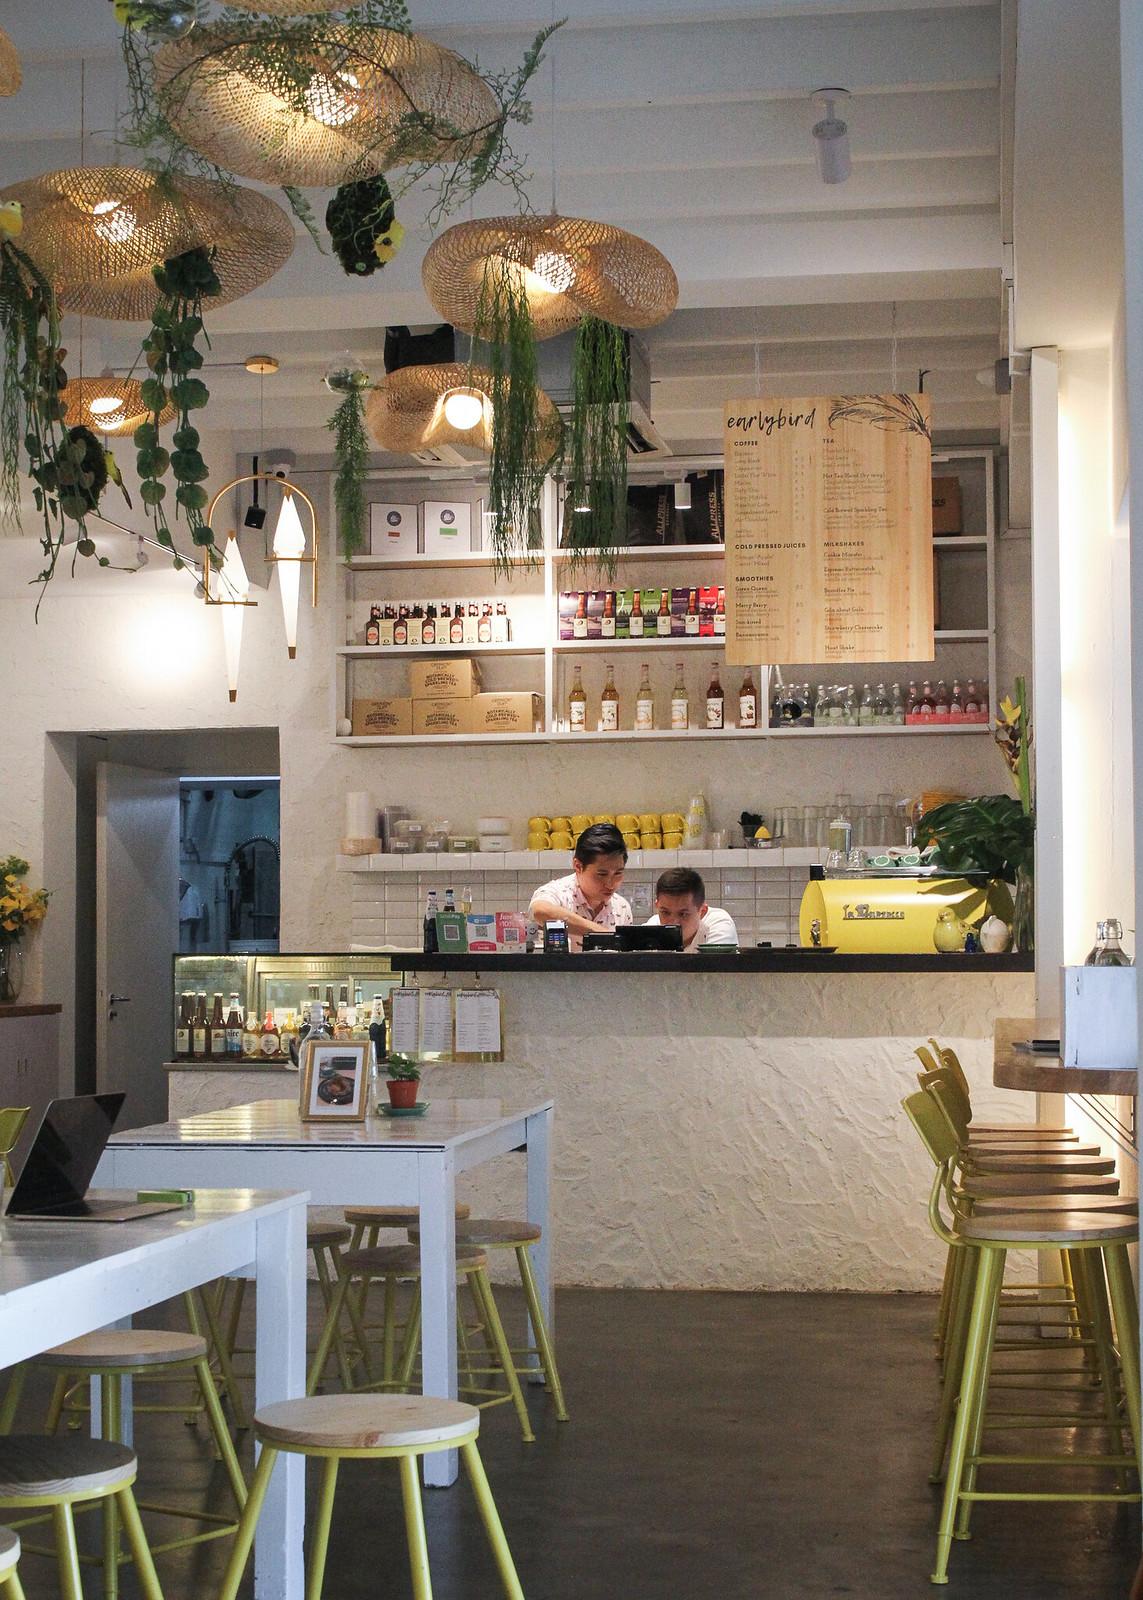 earlybird café Interior Shot 1